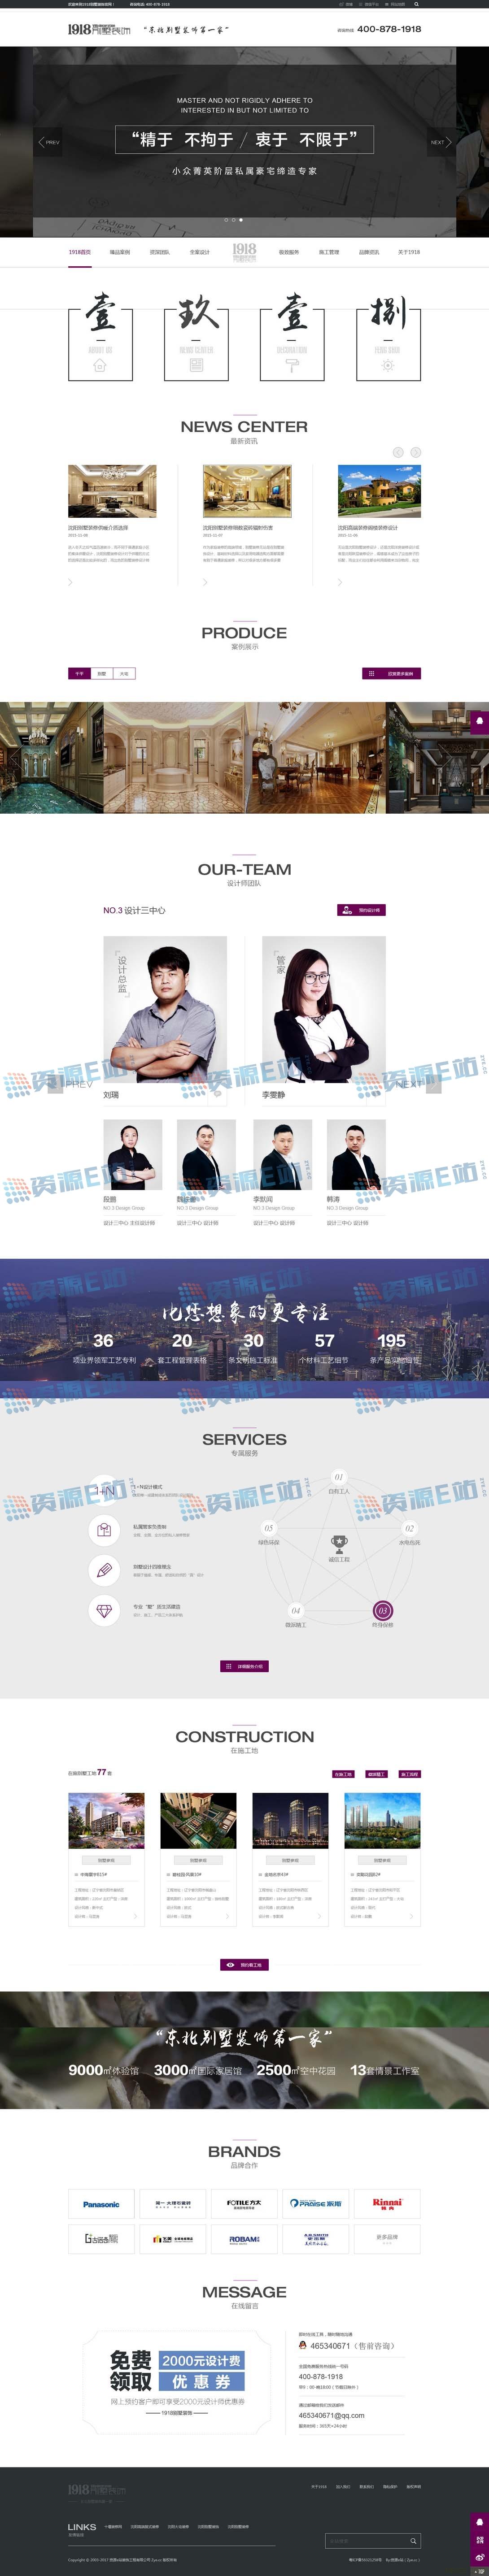 全网首发-精品装修装饰公司整站源码+WAP漂亮手机端 - 第1张   资源e站(Zye.cc)